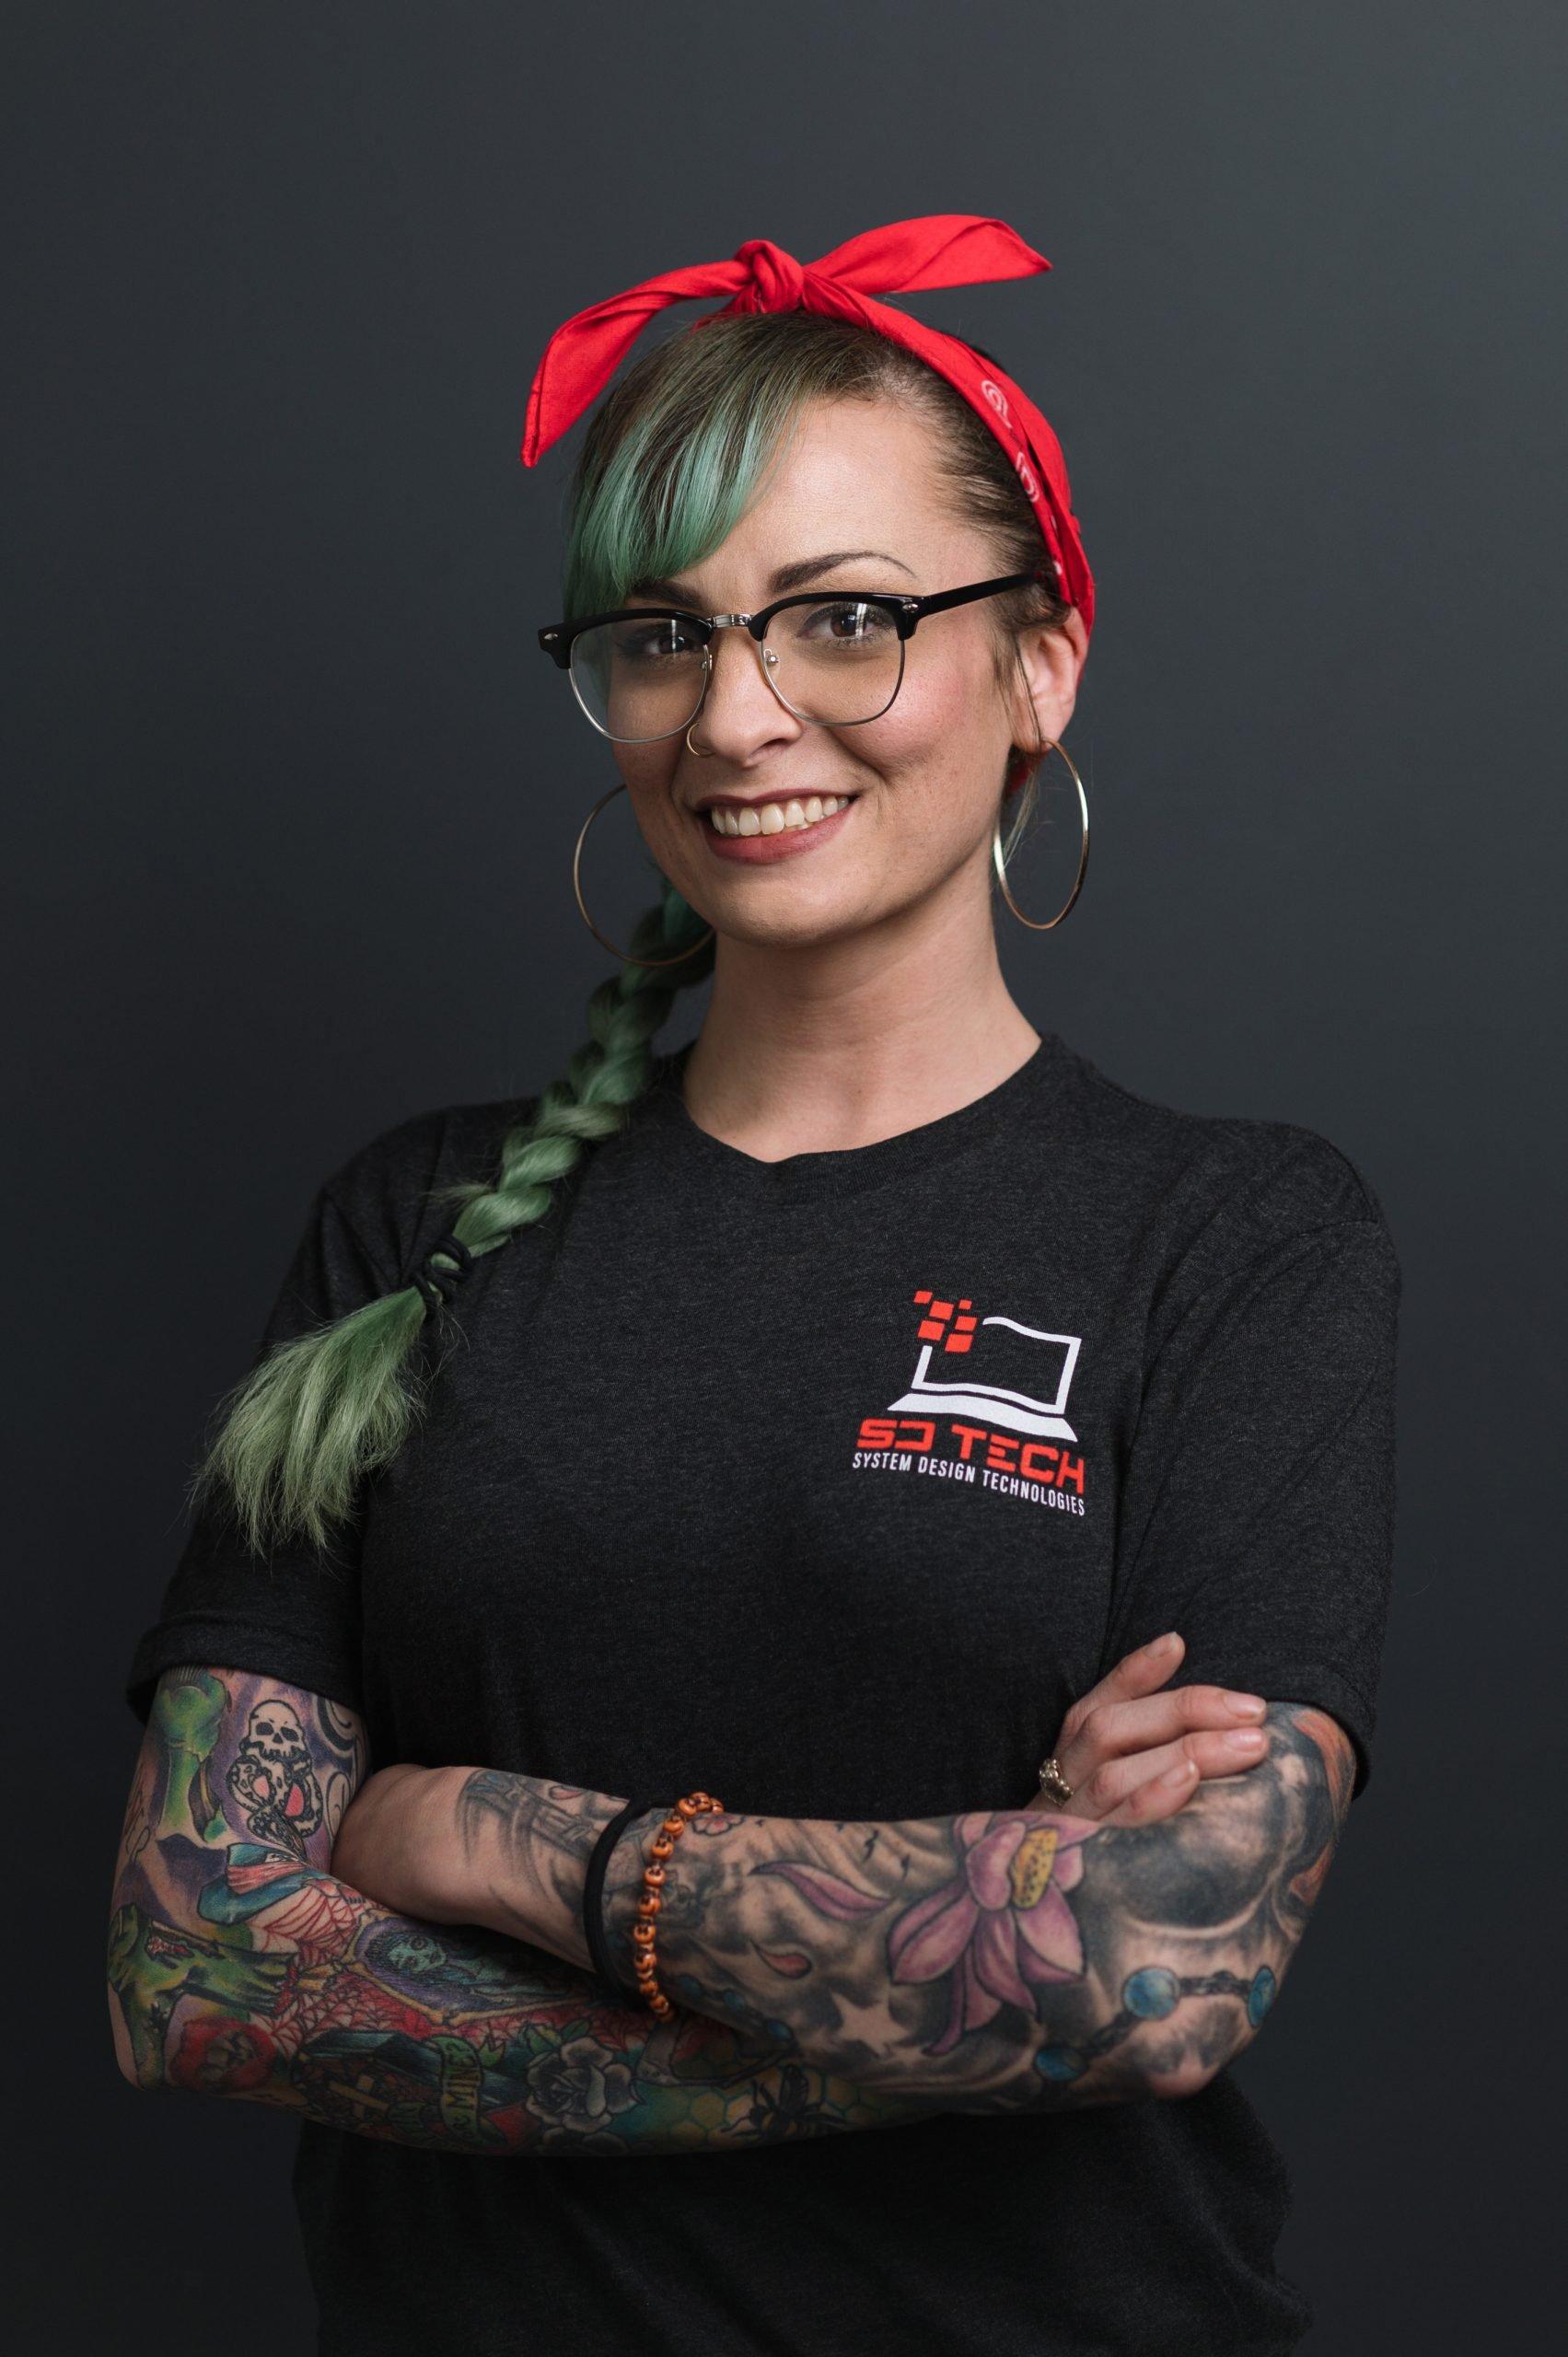 Melissa Angel